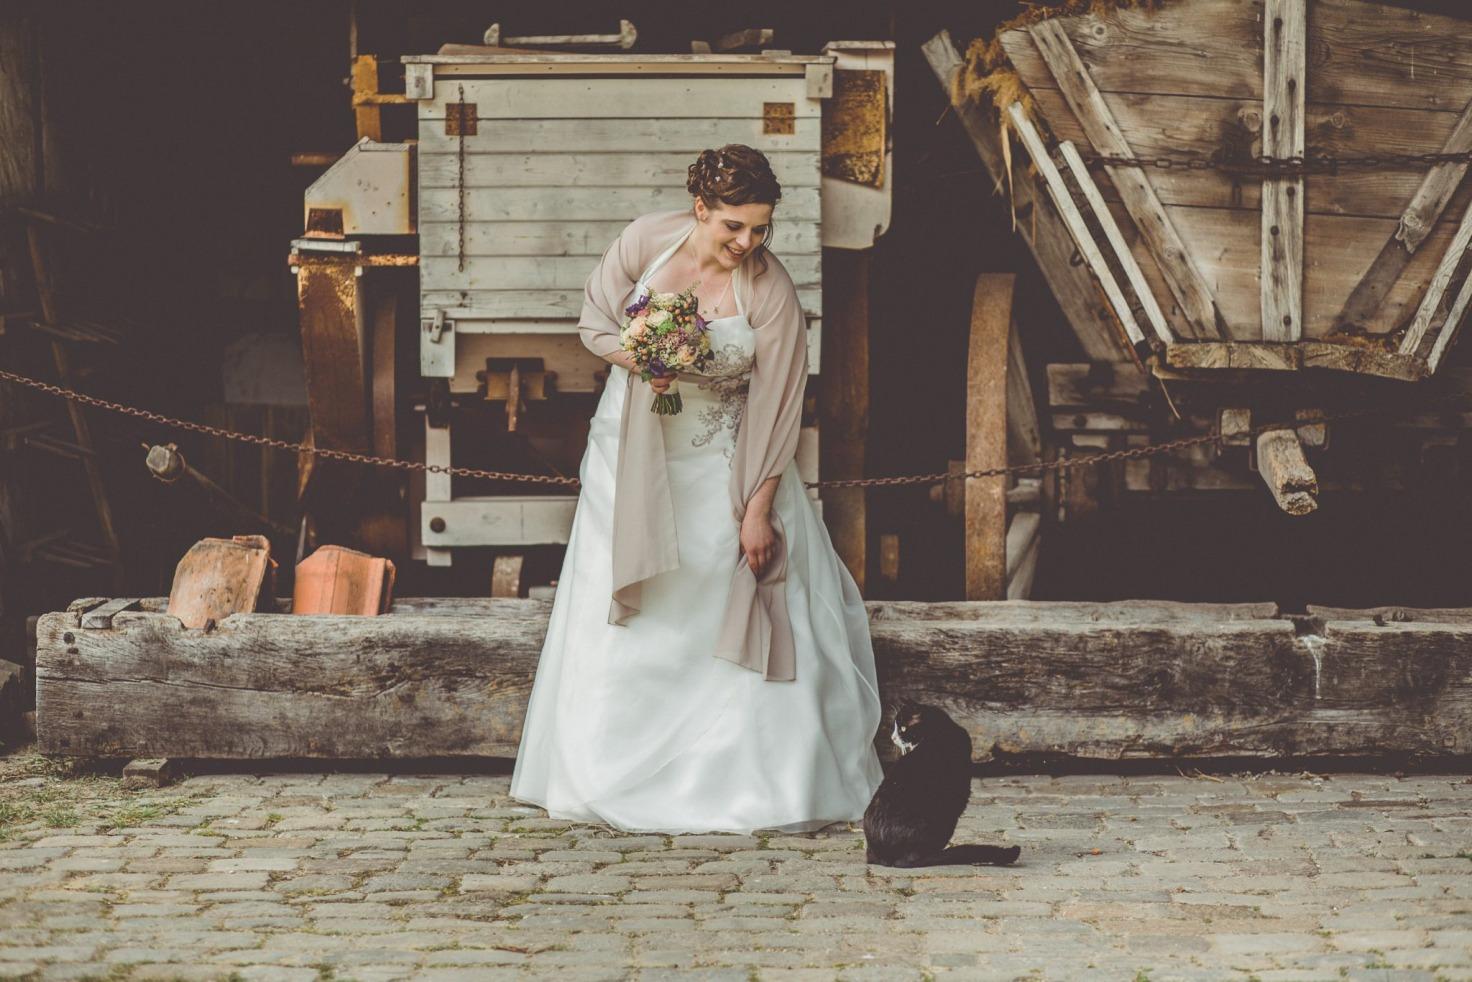 Hochzeit von Bea und Matt in Münster: Brautpaar spielt mit der Katze